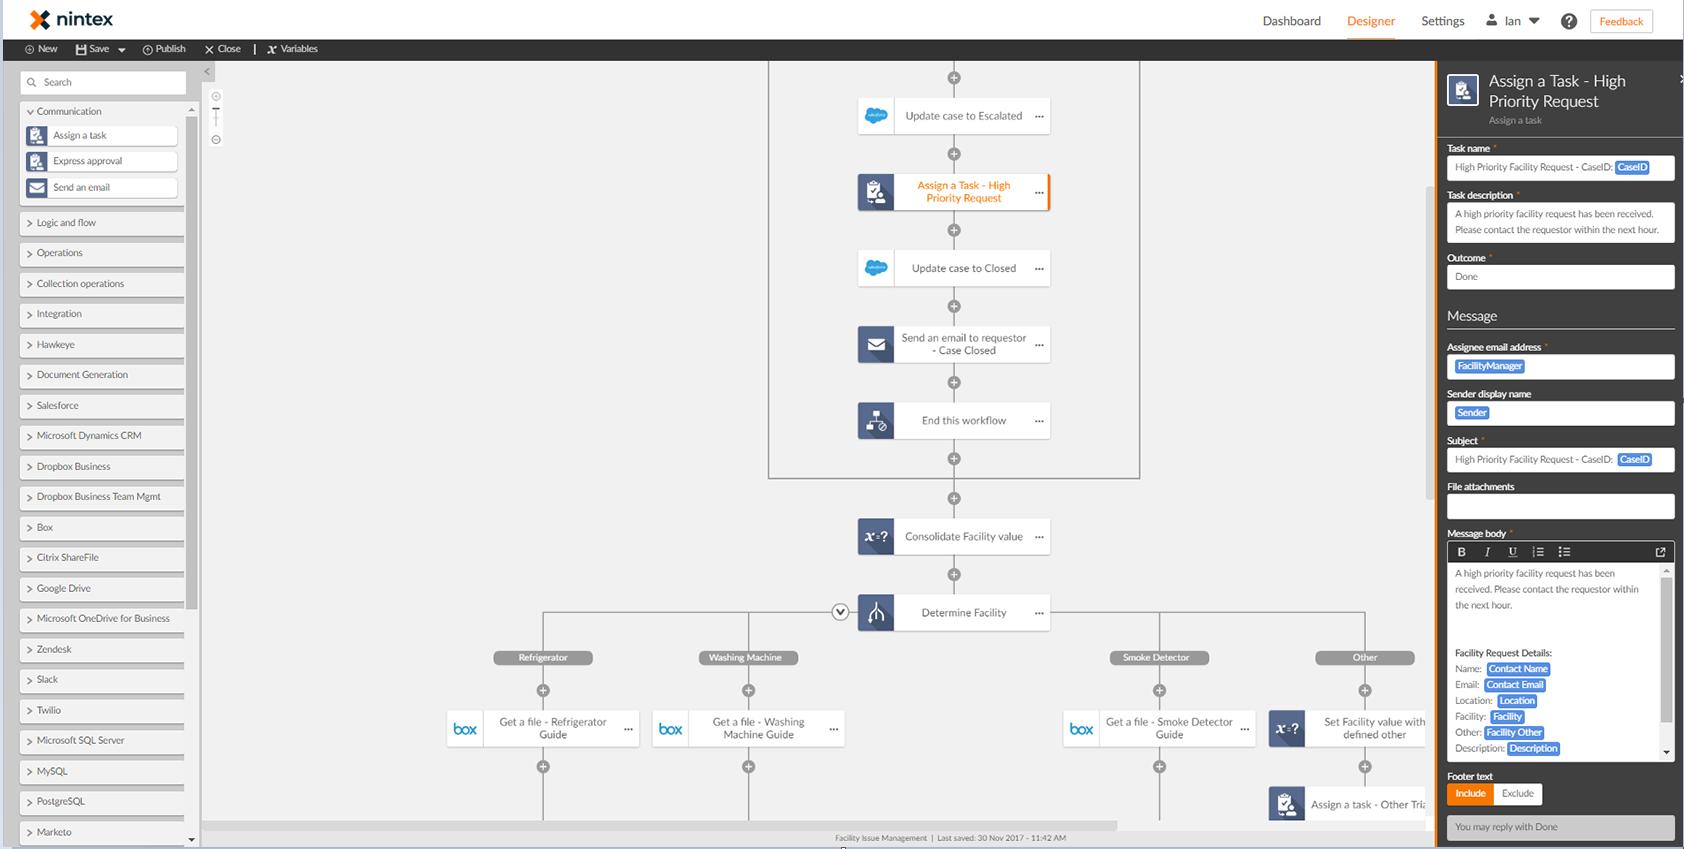 Nintext workflow